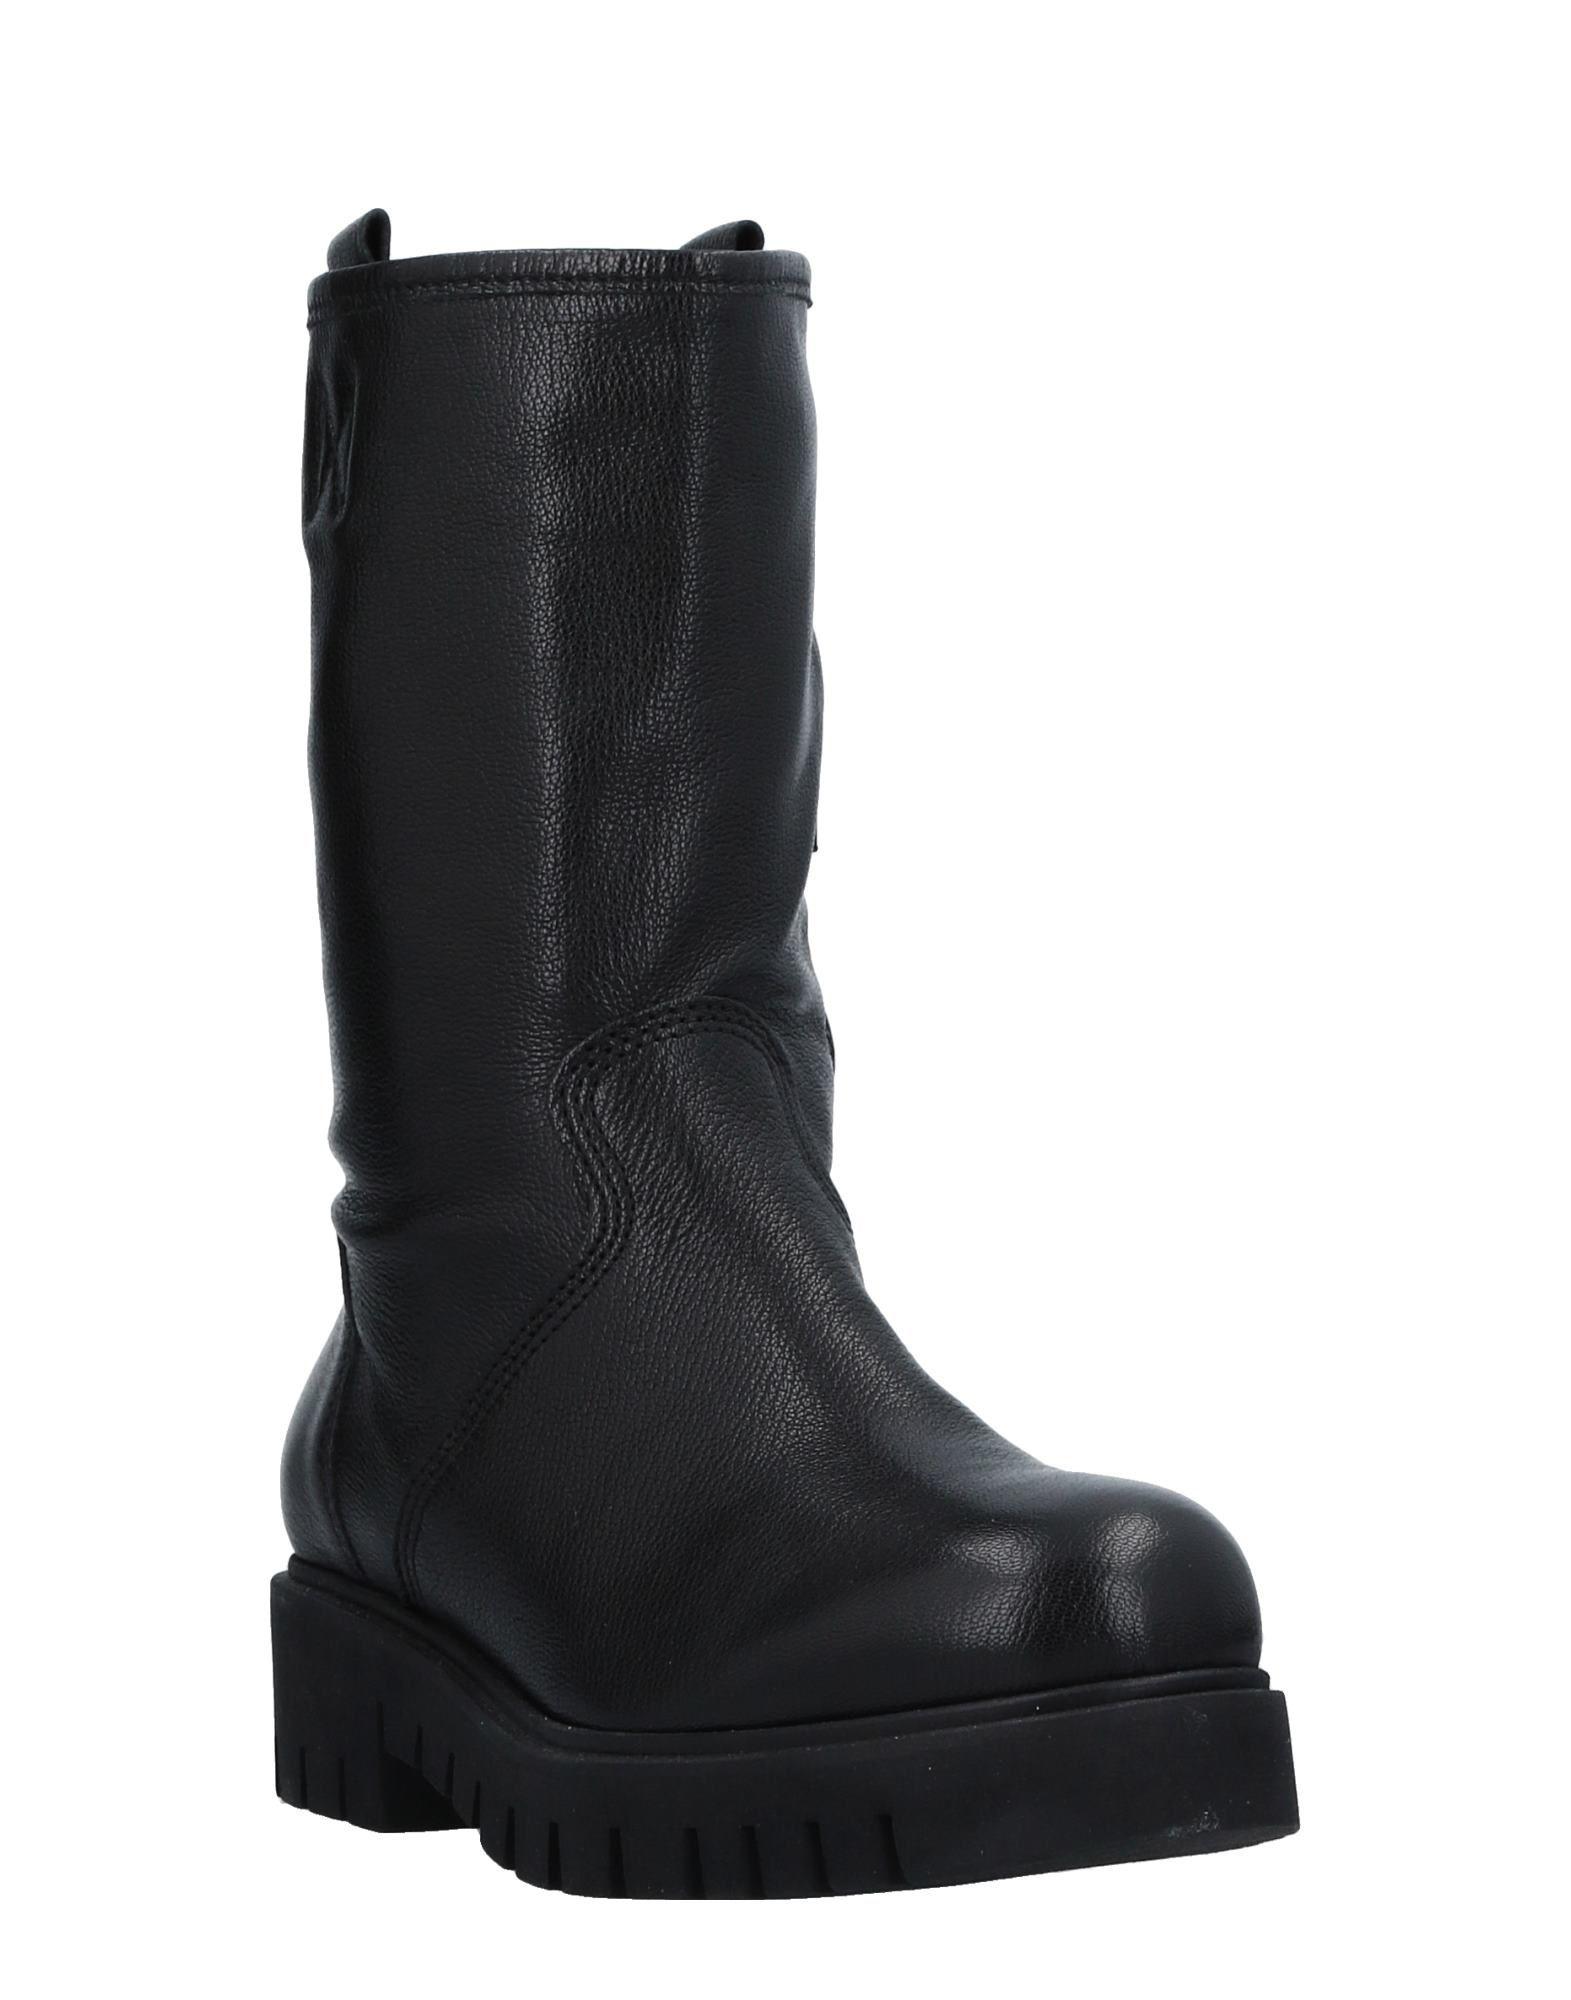 Bagatt Stiefelette Damen beliebte  11513434EL Gute Qualität beliebte Damen Schuhe bfbcff